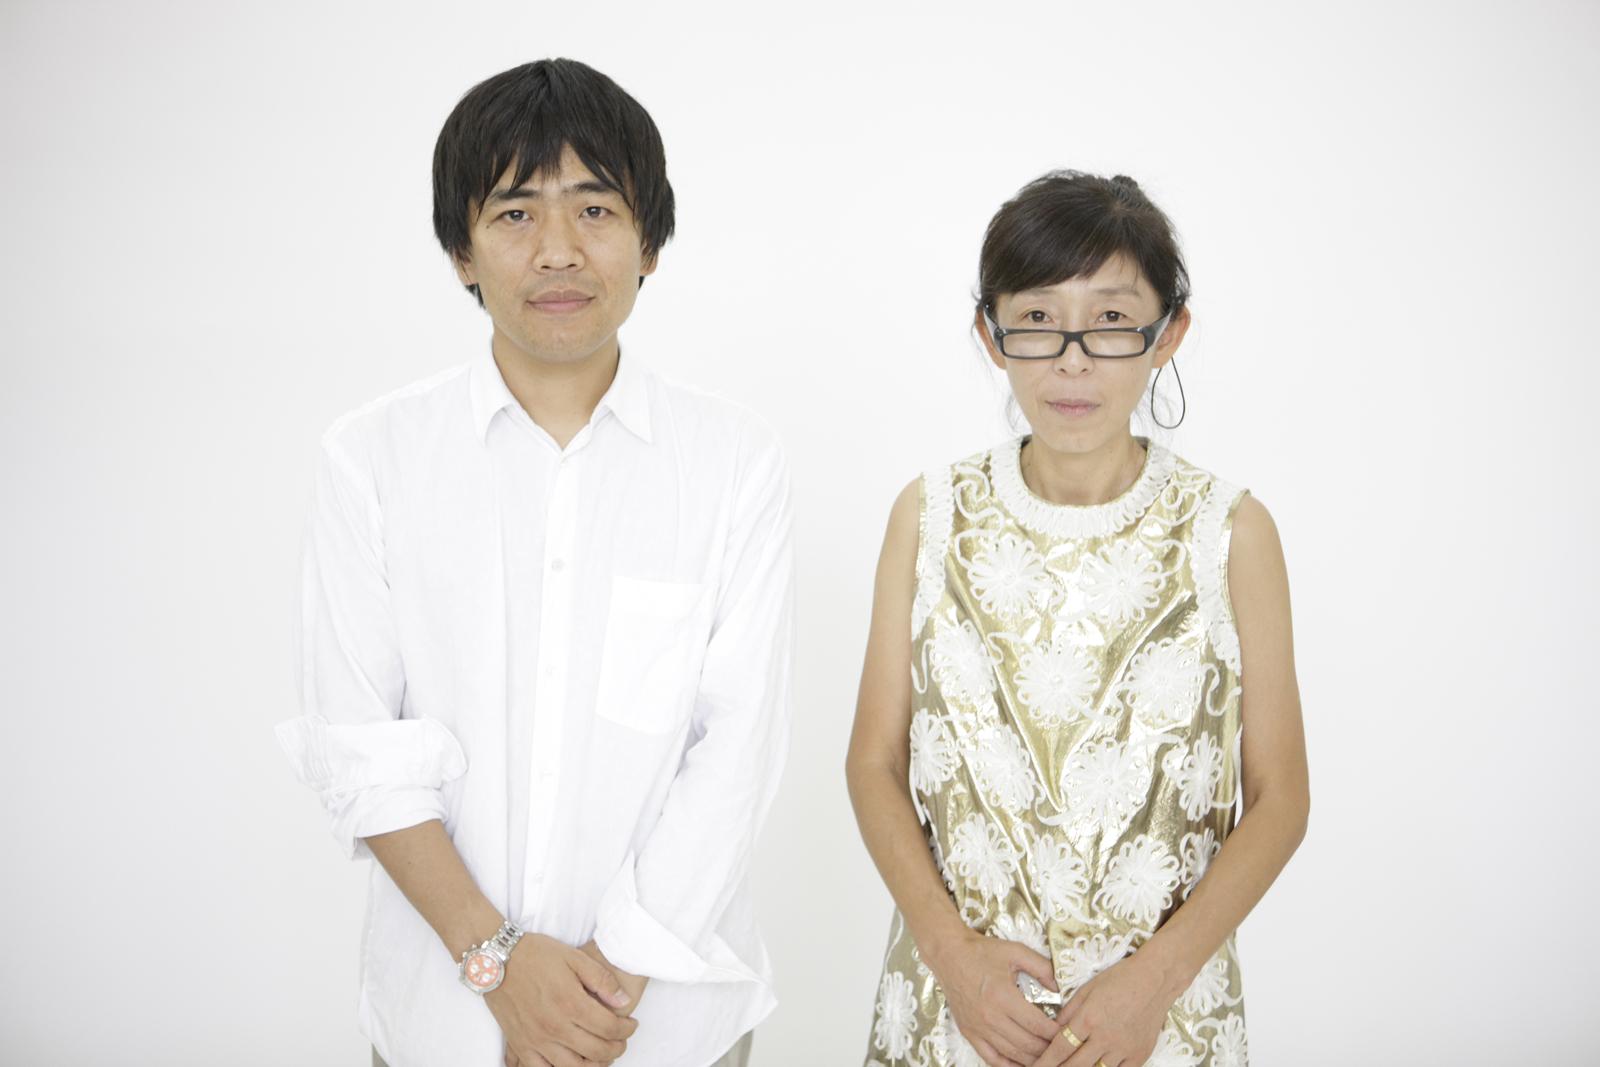 Ryue Nishizawa and Kazuyo Sejima, right.